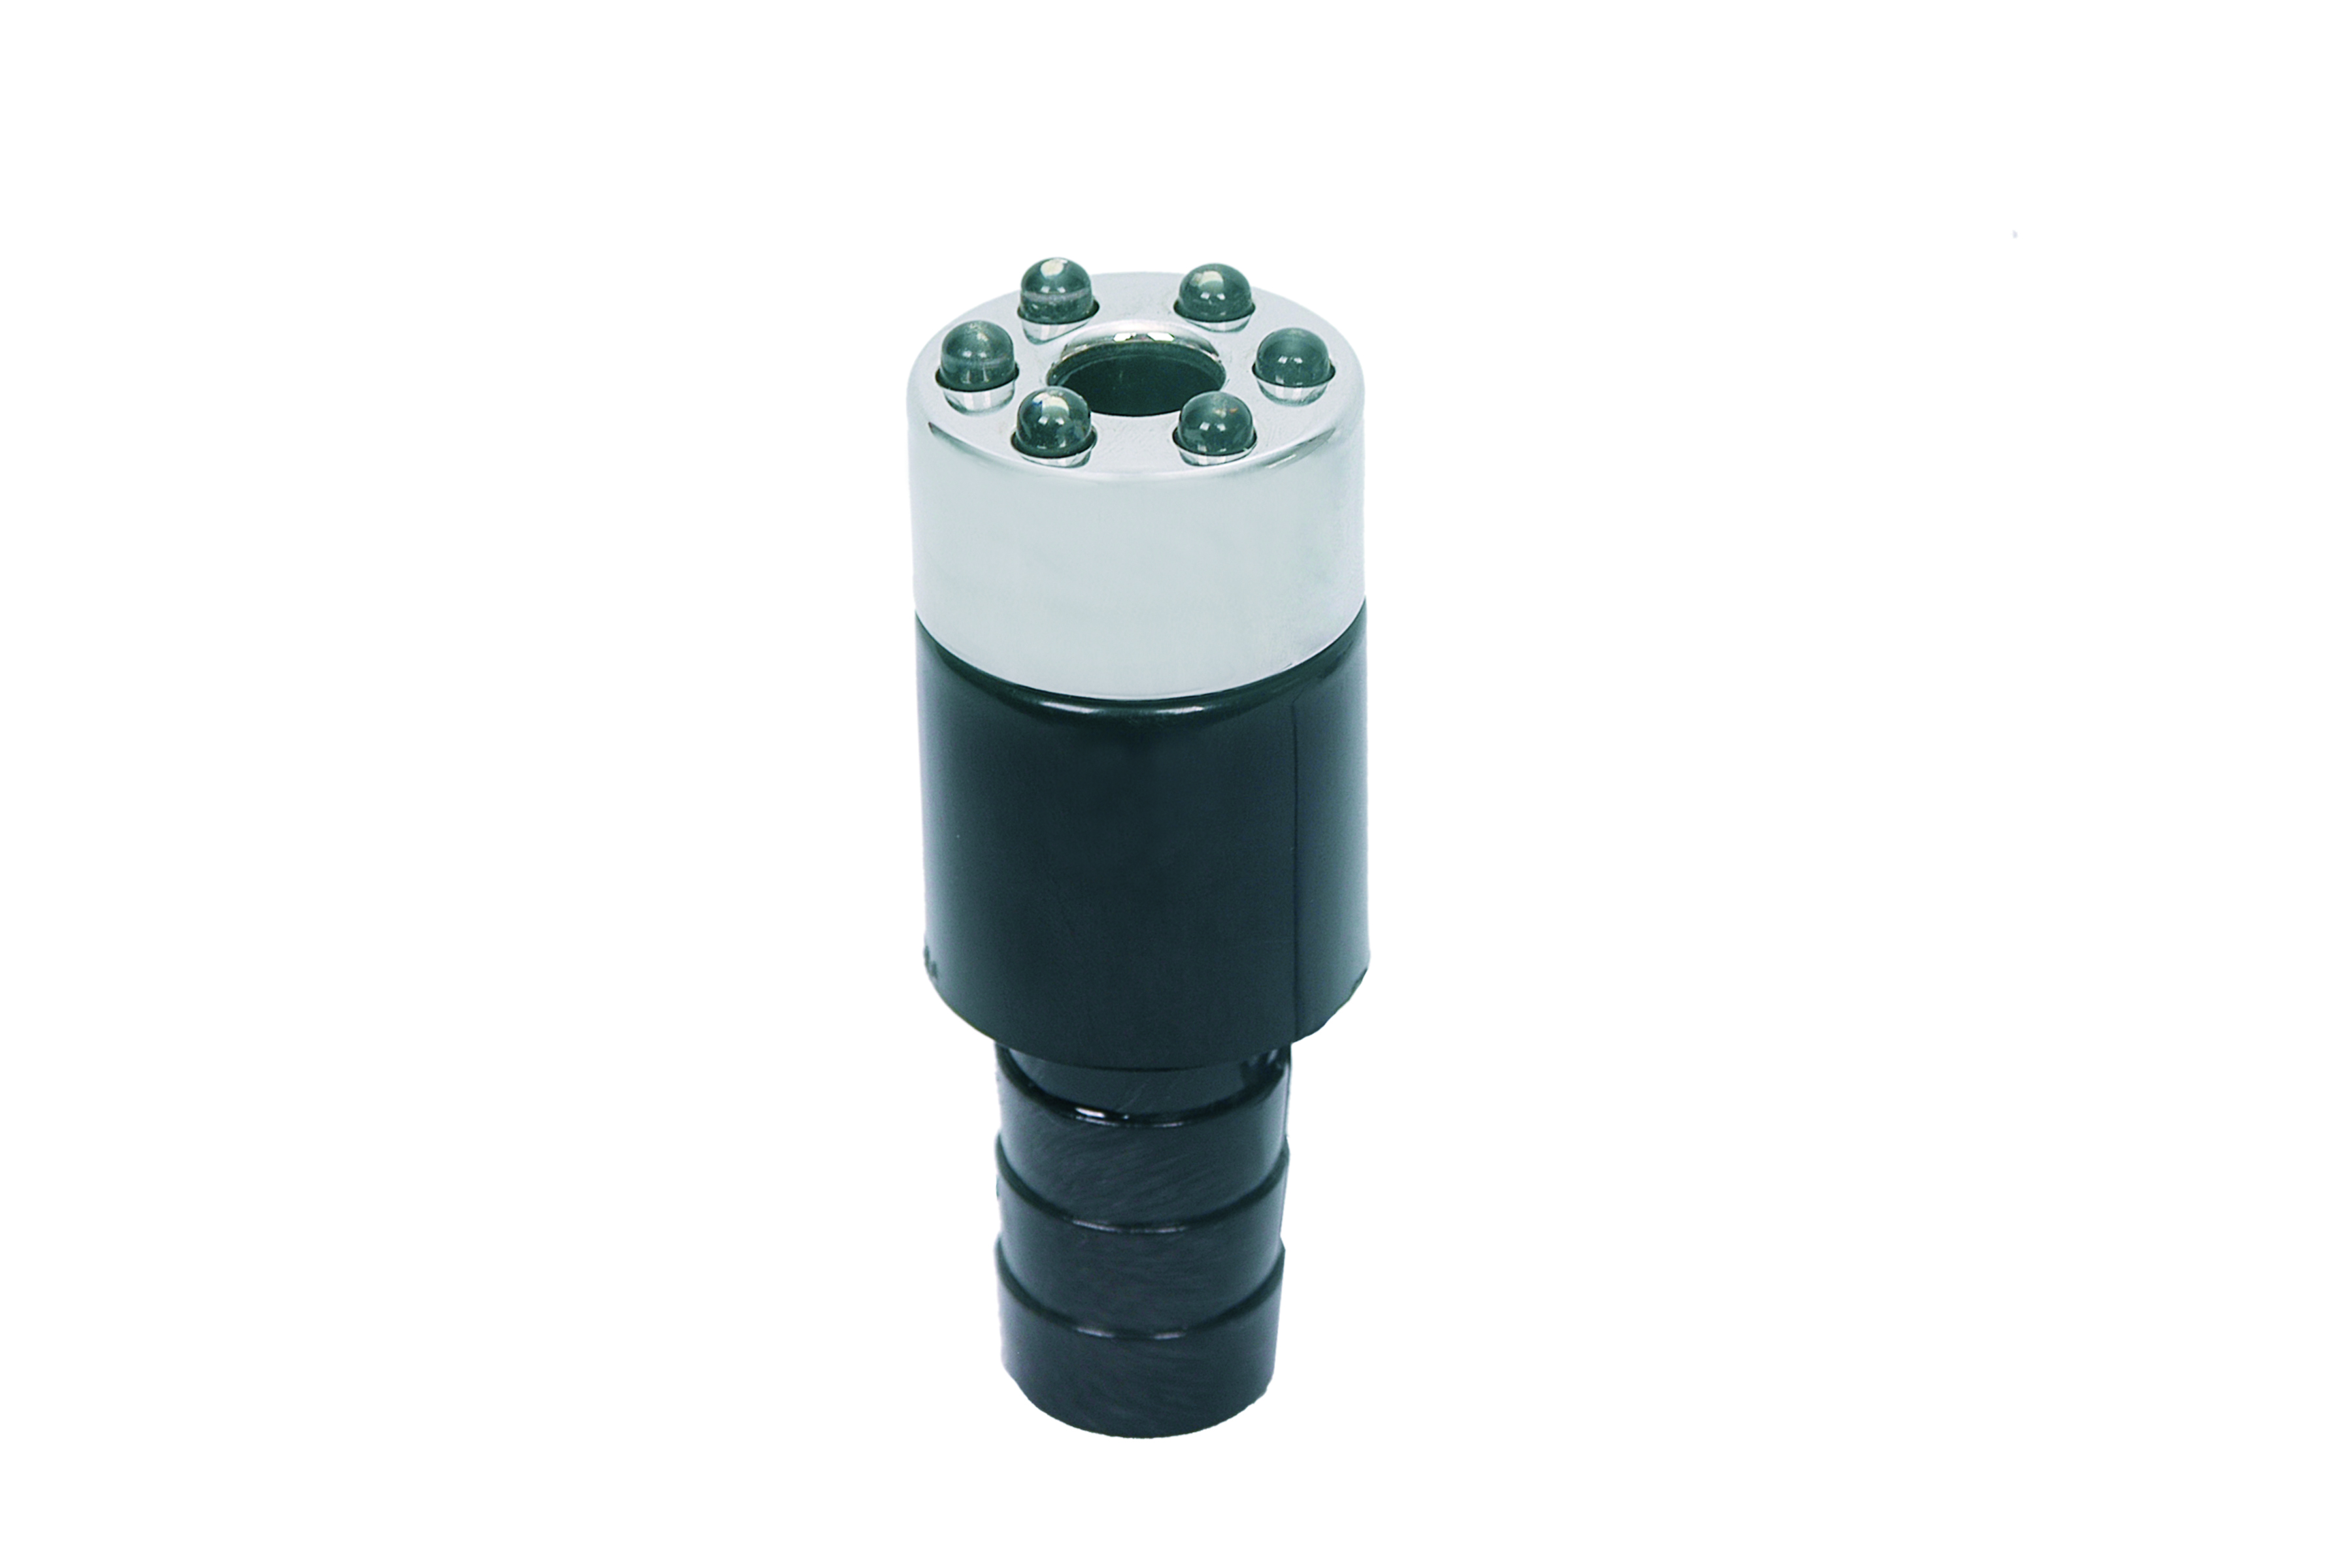 quellstar 600 led - seliger licht- & wassertechnik